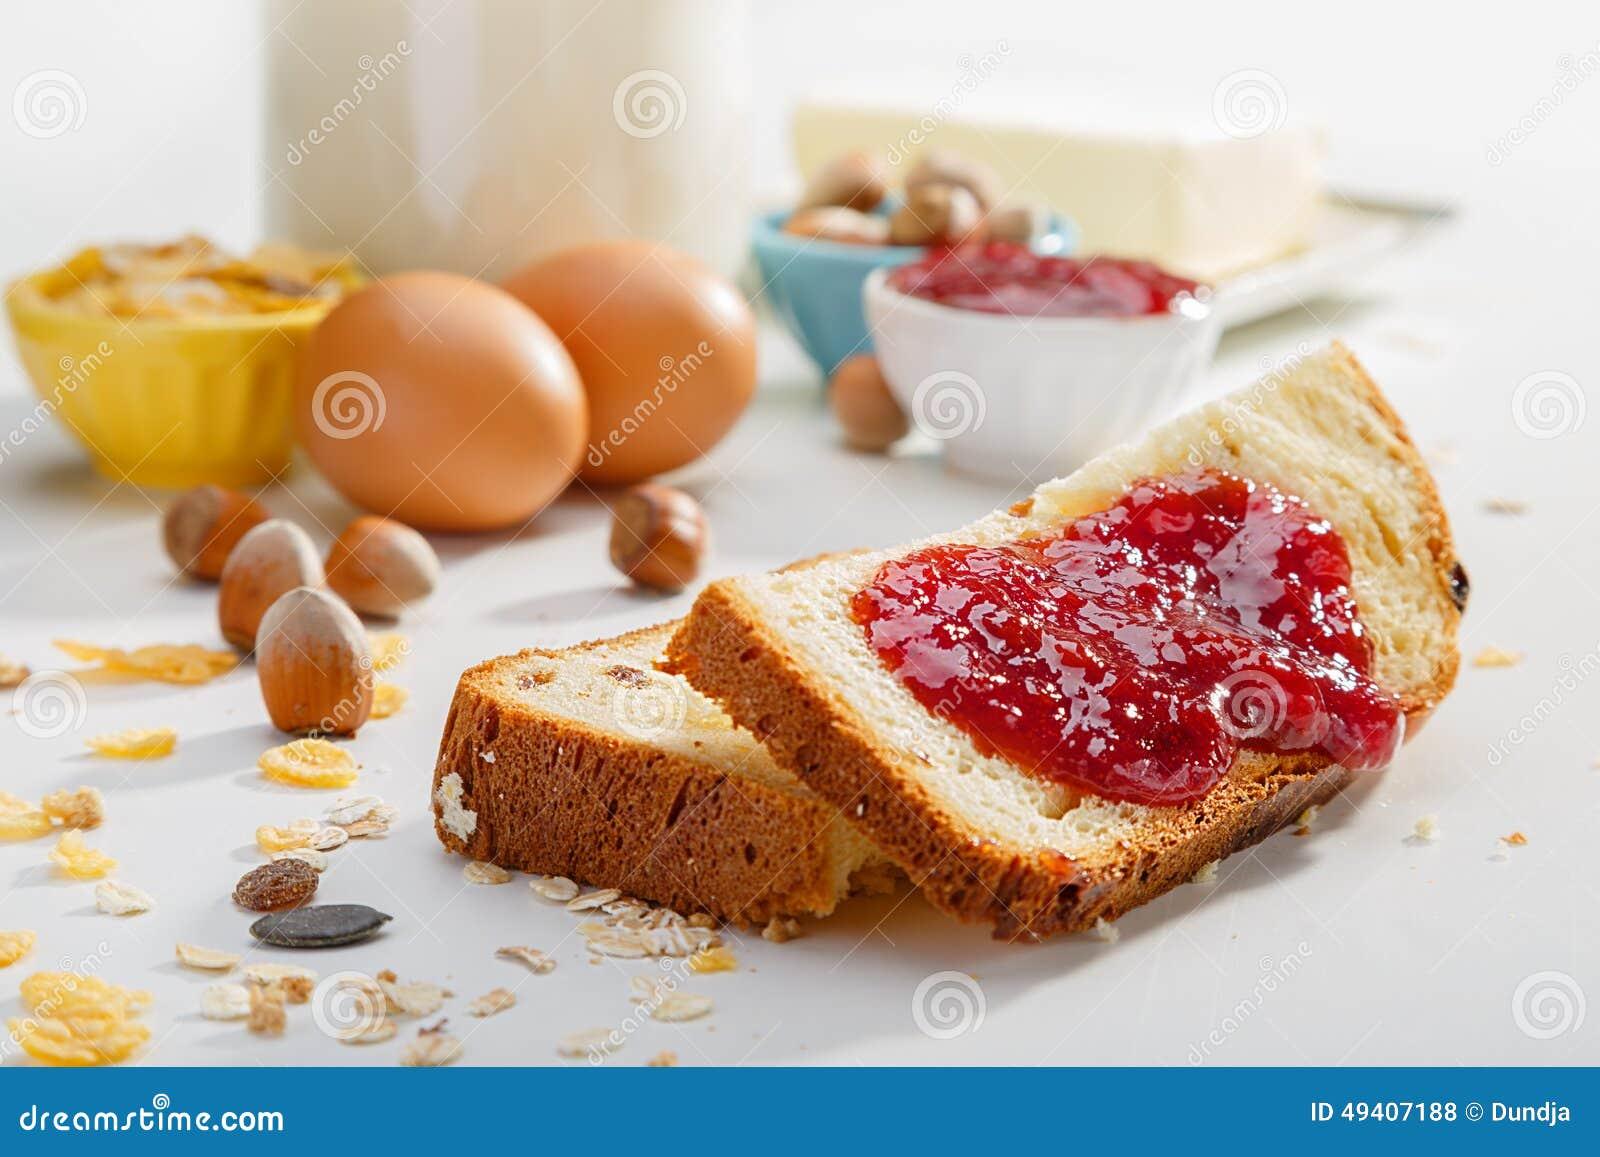 Download Gesundes Frühstück stockfoto. Bild von speck, glas, mahlzeit - 49407188